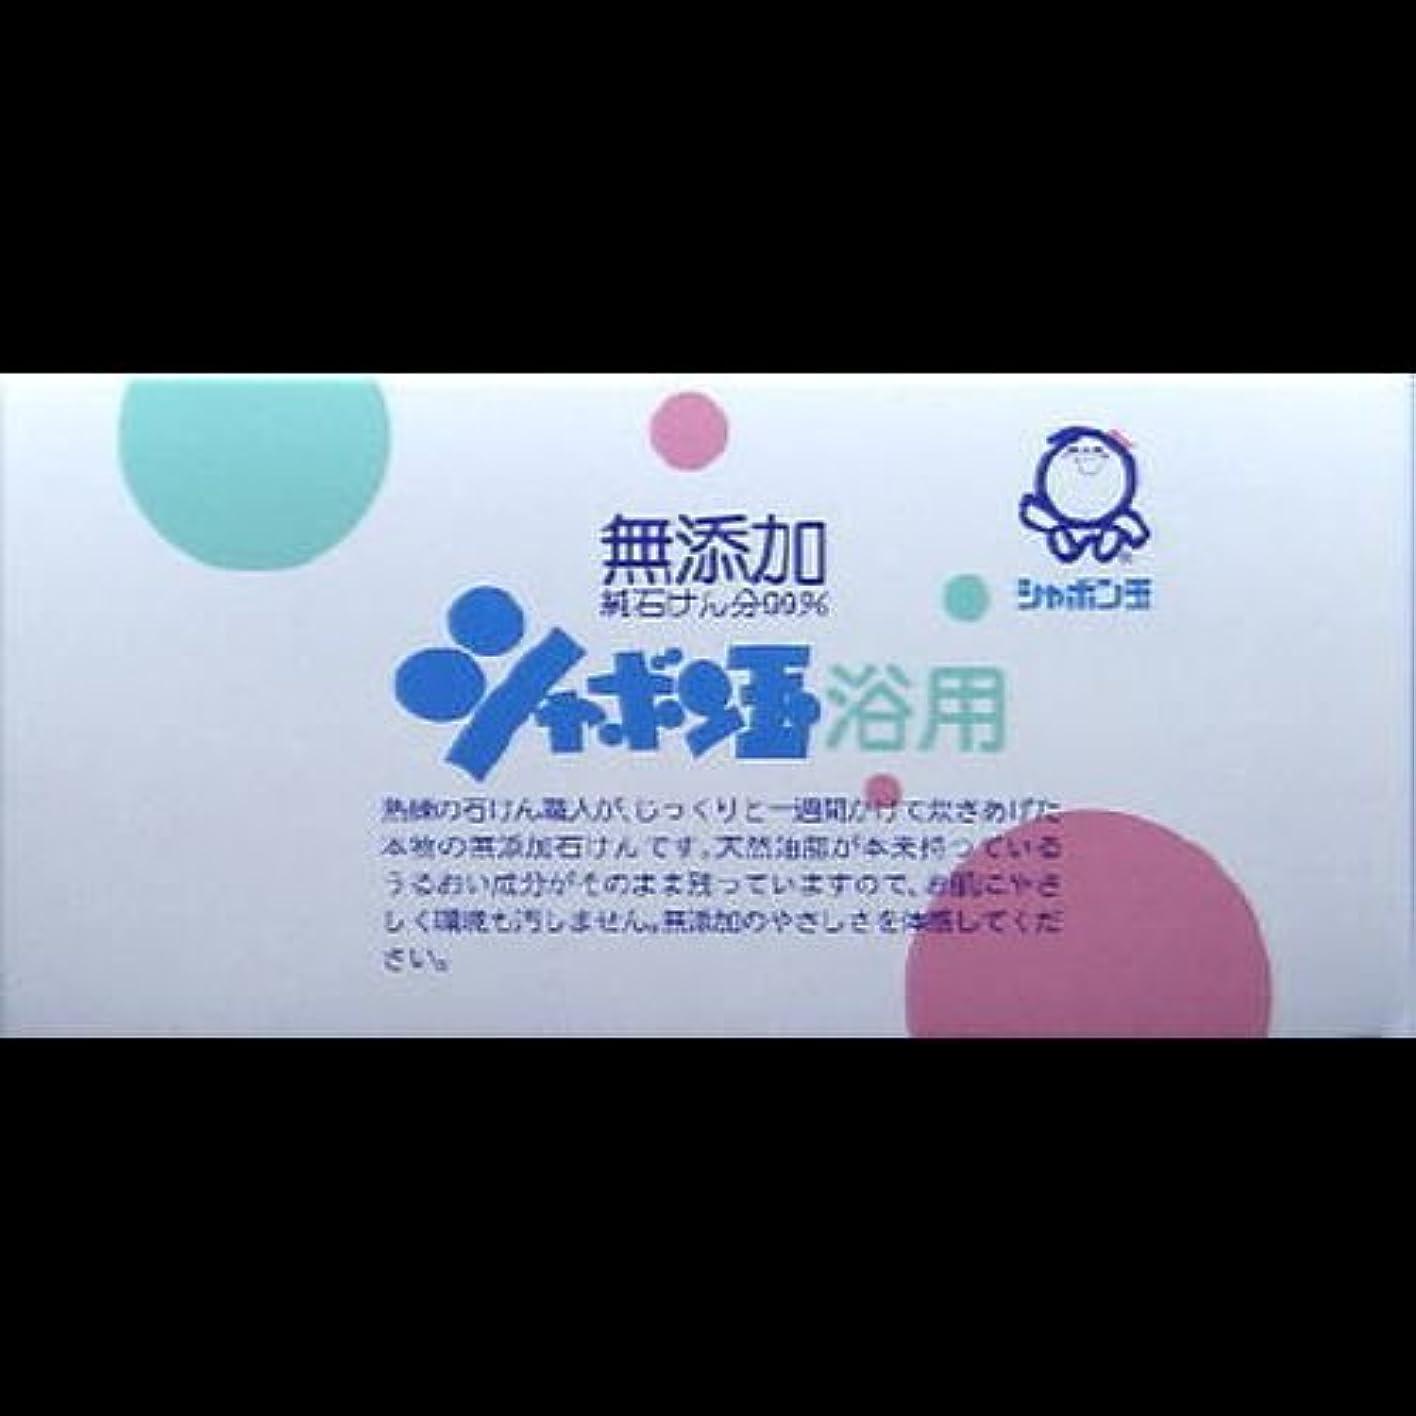 関税全滅させる振動する【まとめ買い】シャボン玉 浴用 100g*3個 ×2セット